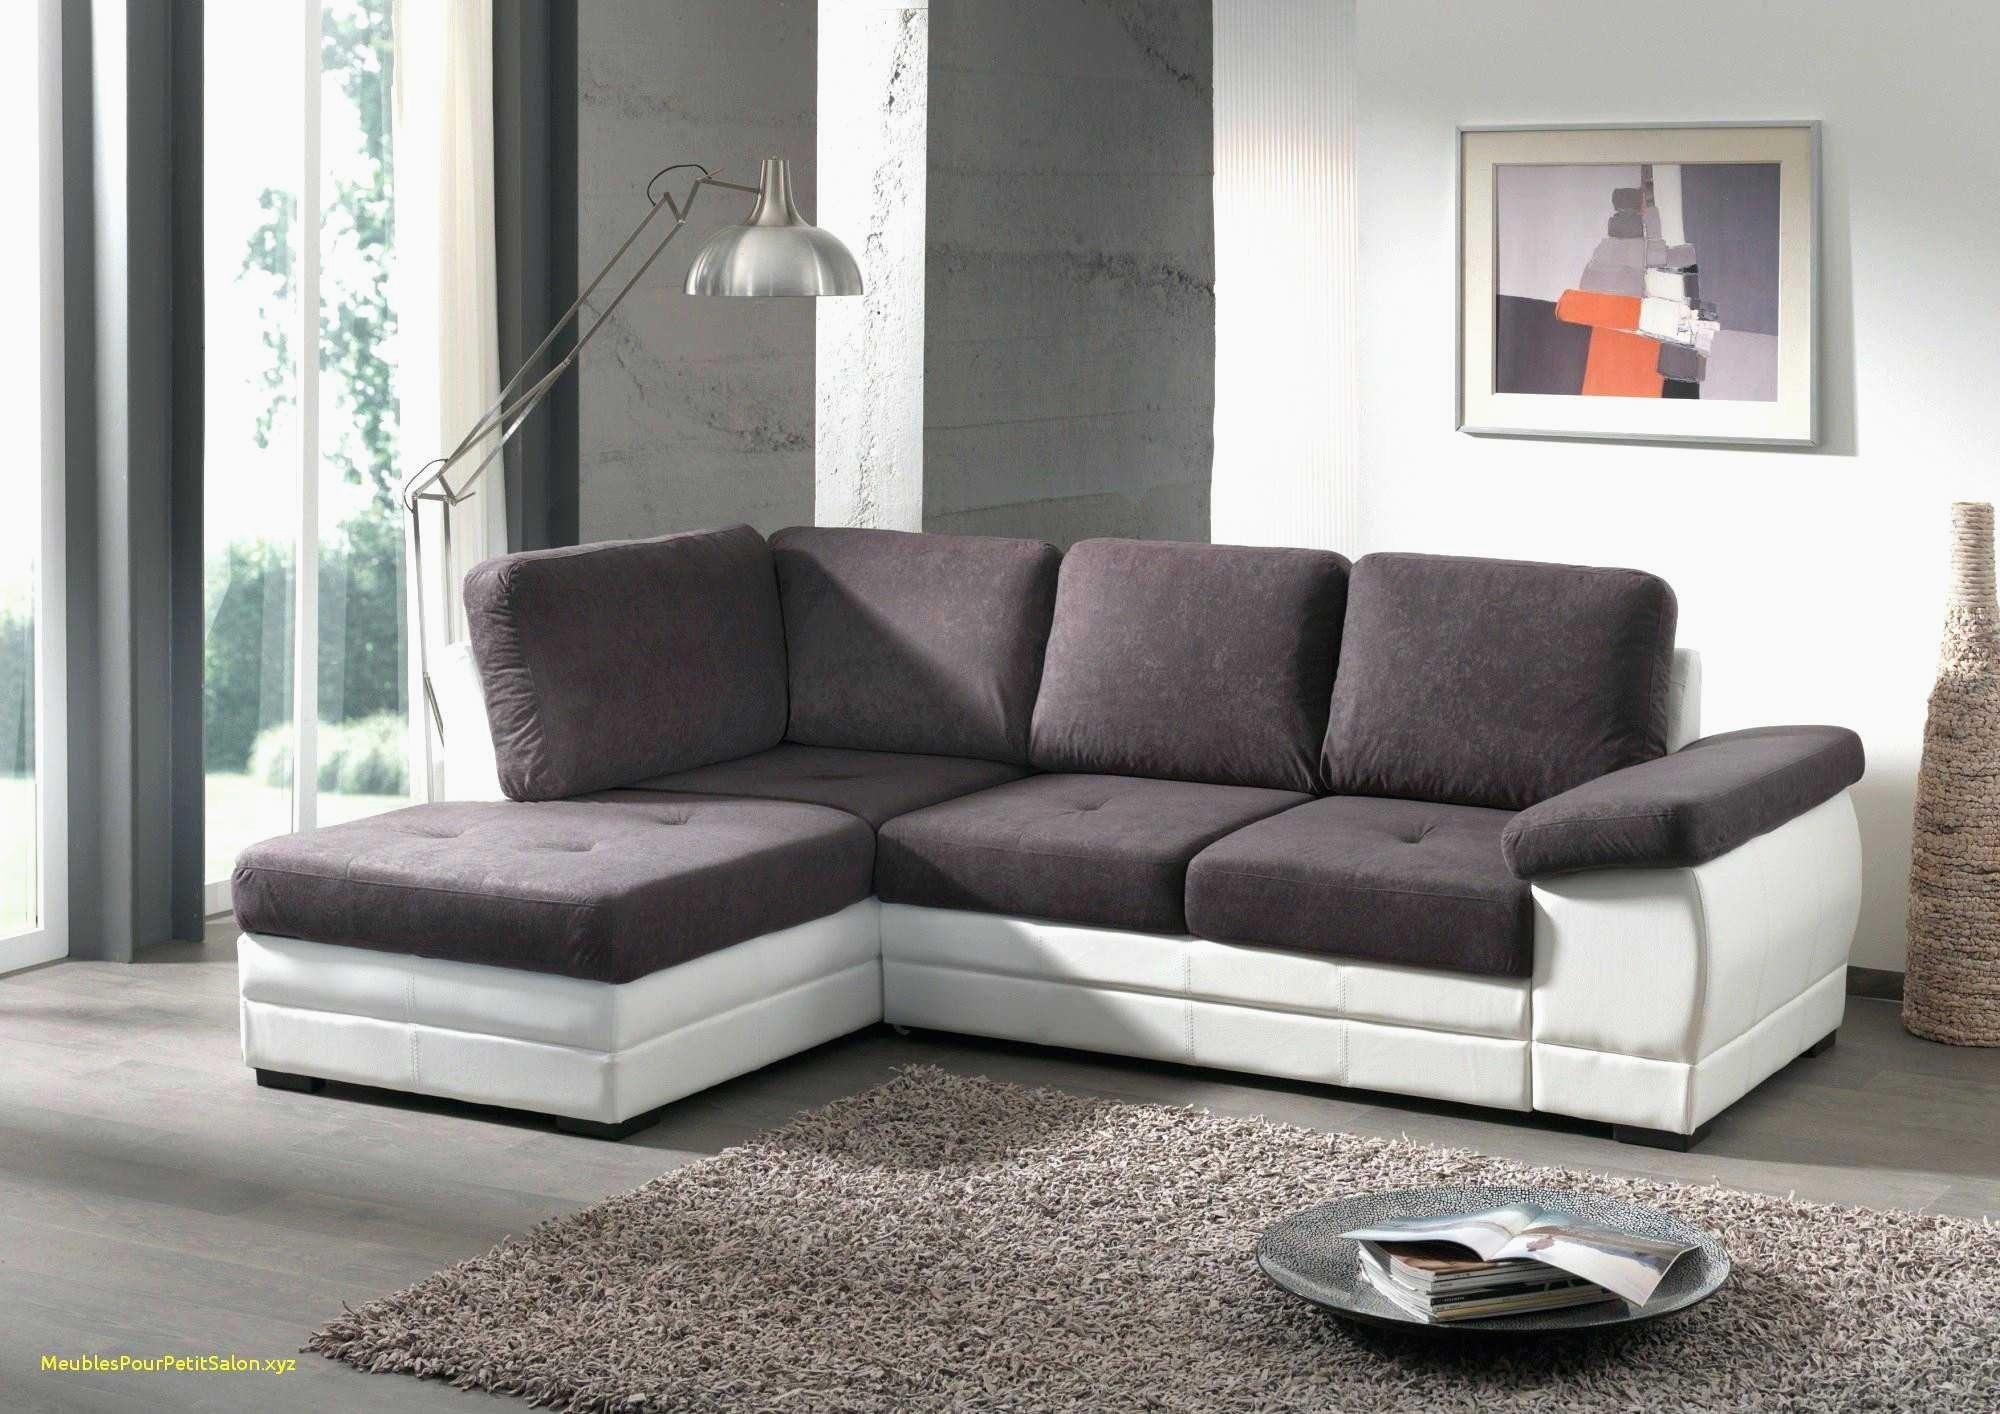 Canapé Lit Conforama Unique Décoratif Canapé Convertible Pas Cher Conforama Dans Canape Lit